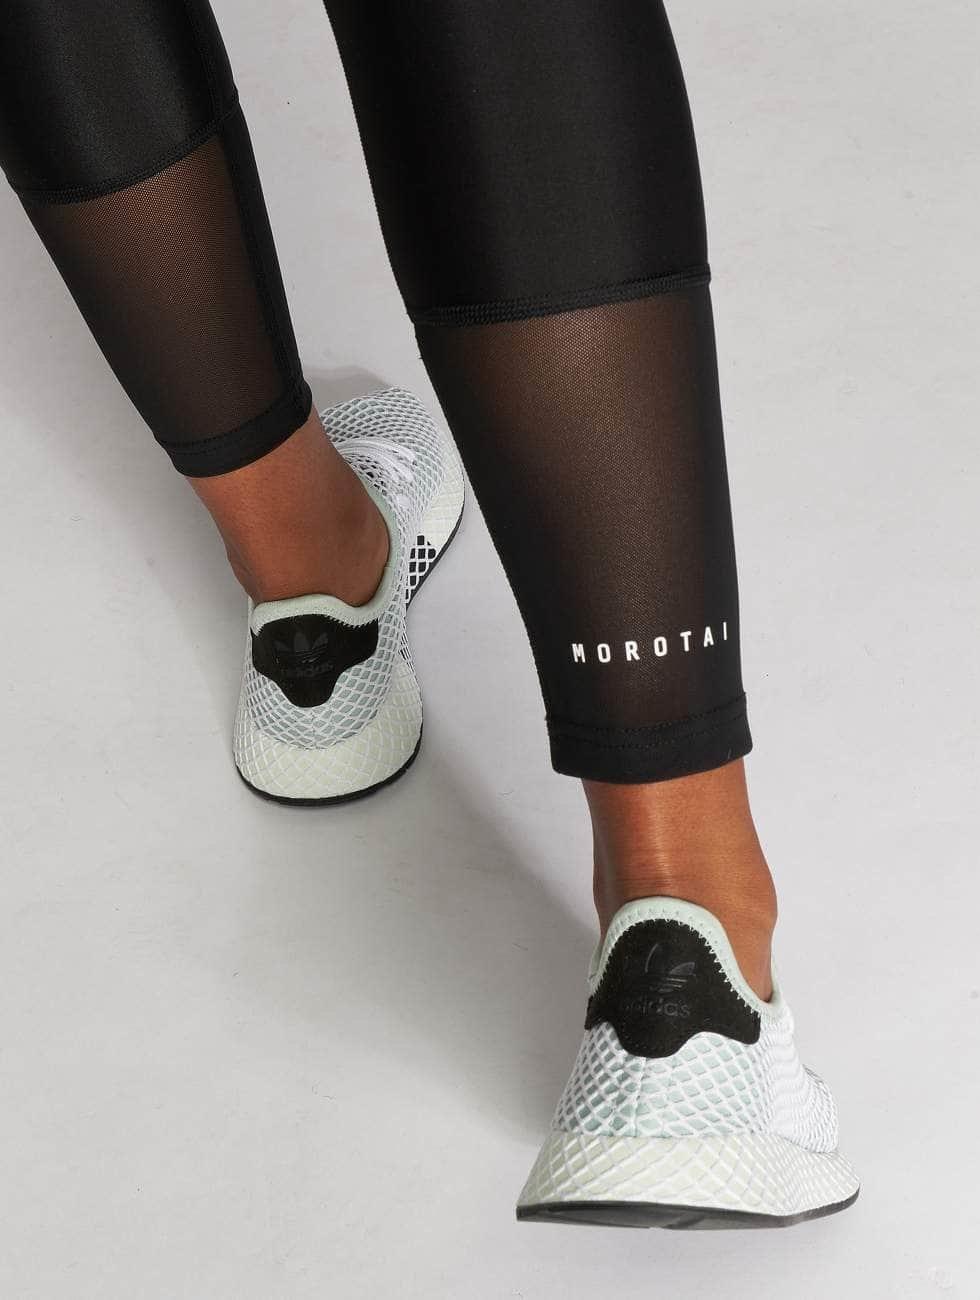 MOROTAI Leggings/Treggings May black